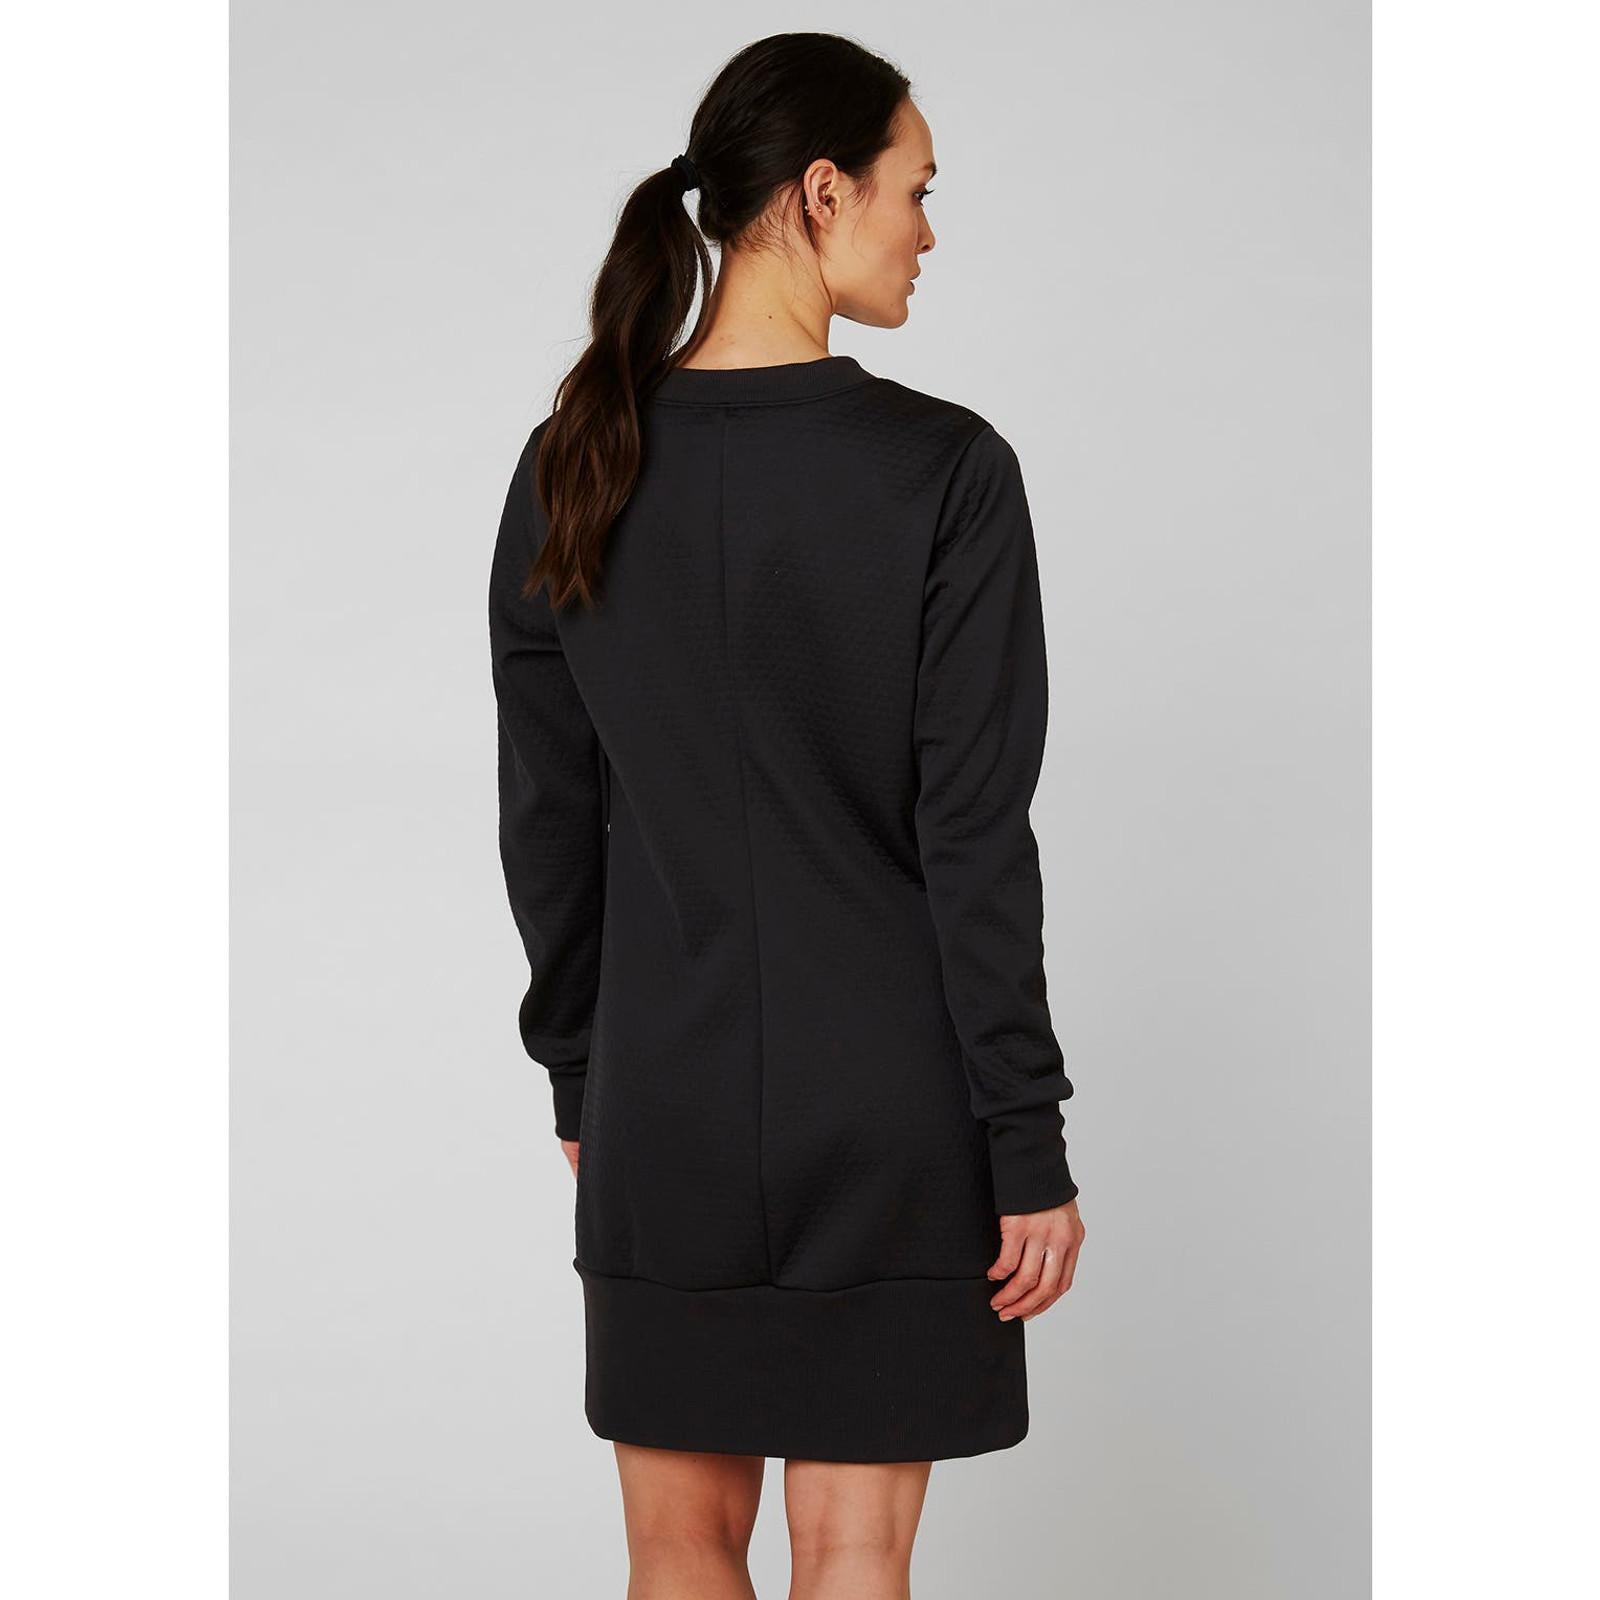 Helly Hansen Hytte Dress, Women's -Ebony, 62932-980 (62932-980) on body back